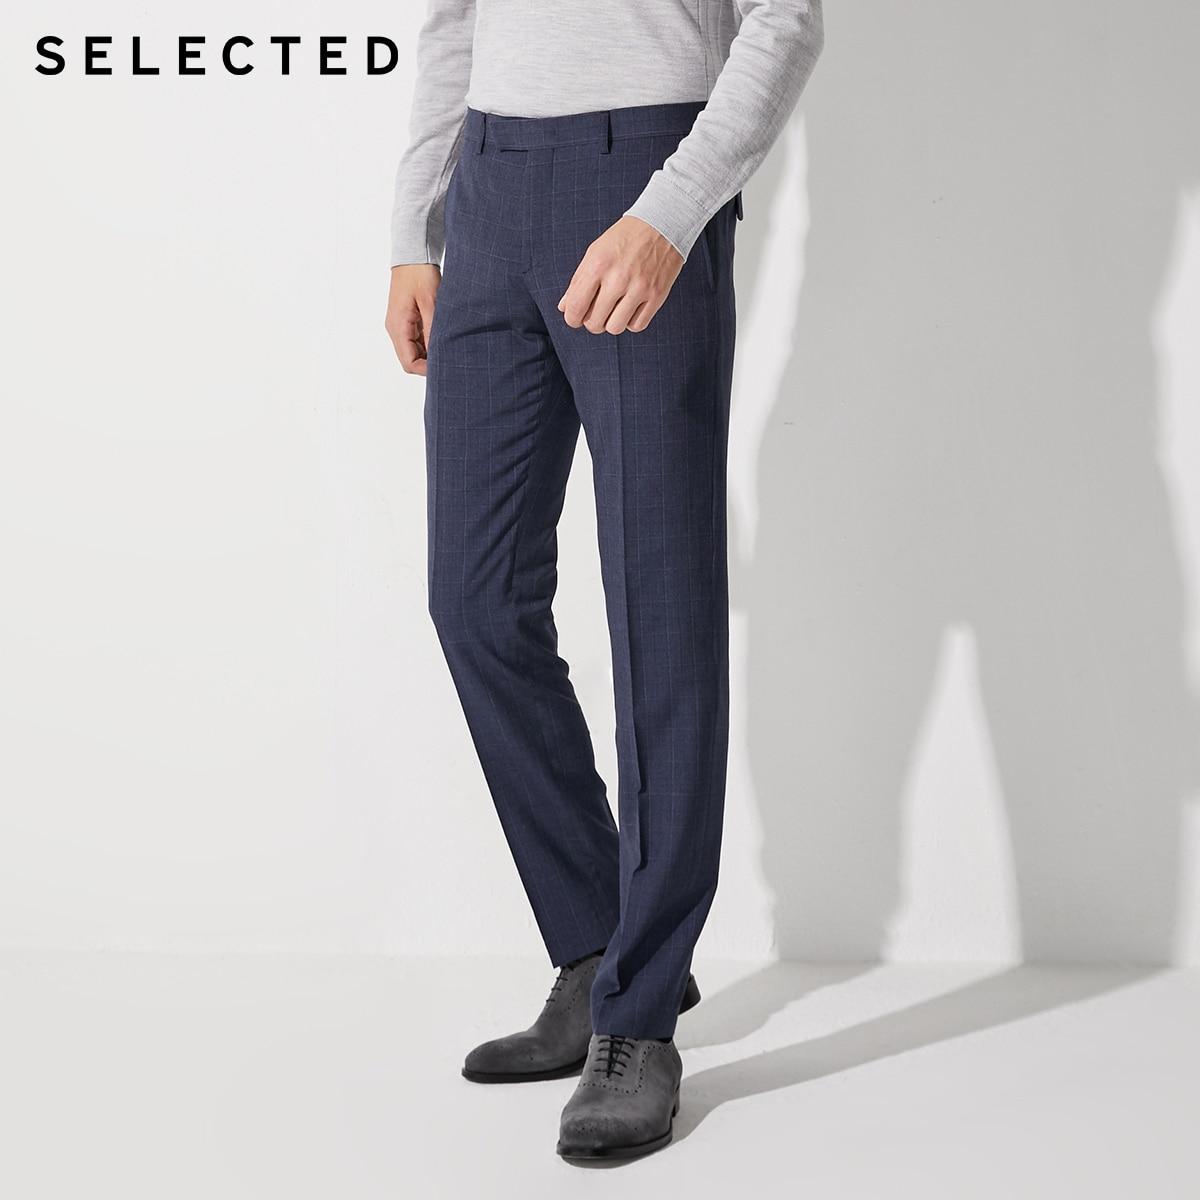 SELECTED Men's Slim Fit Business Casual Plaid Suit Pants SIG 42016A503